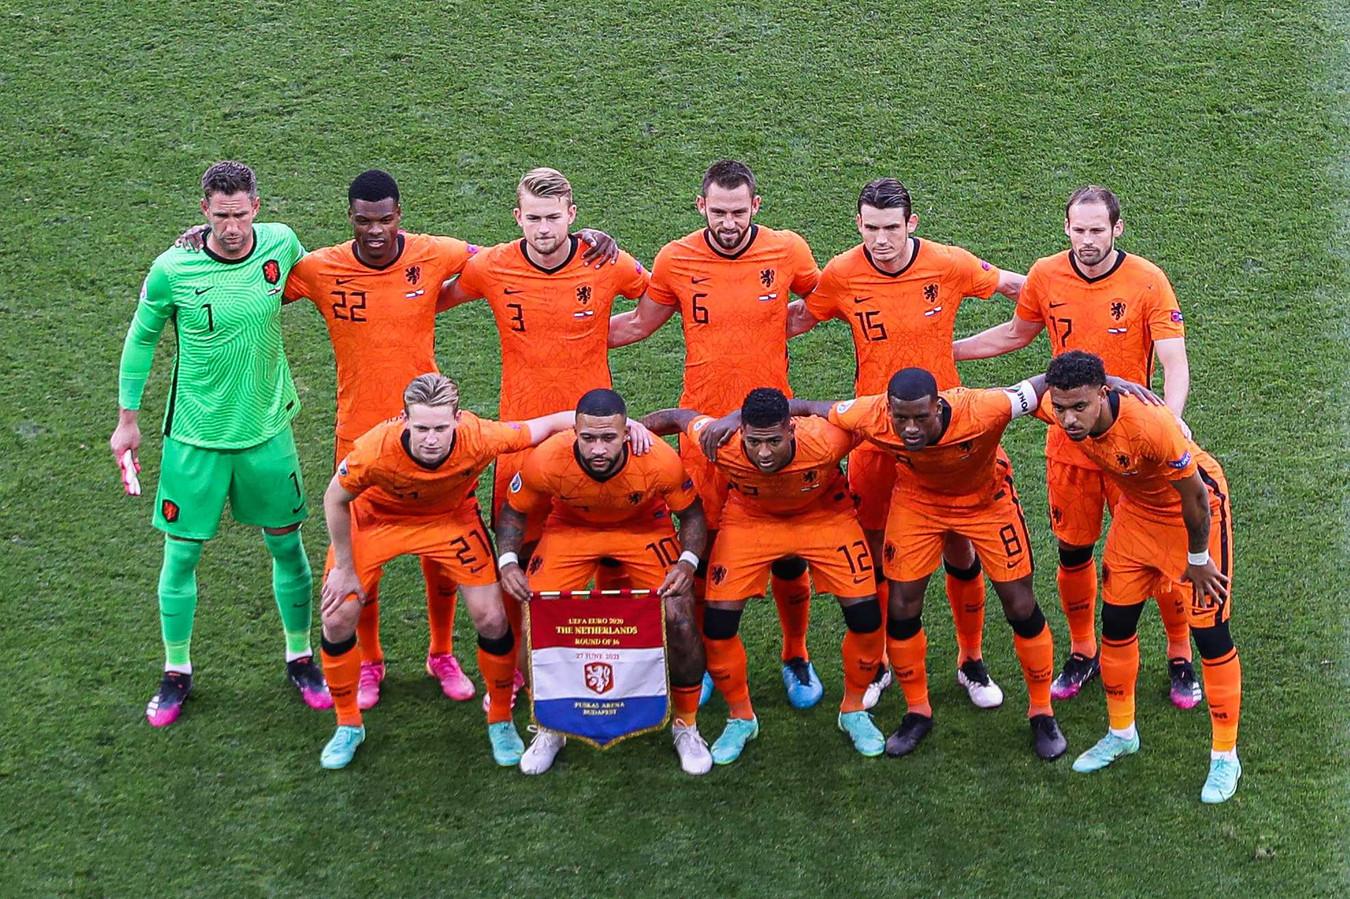 Het Nederlands elftal voor het duel met Tsjechië op het laatste EK.